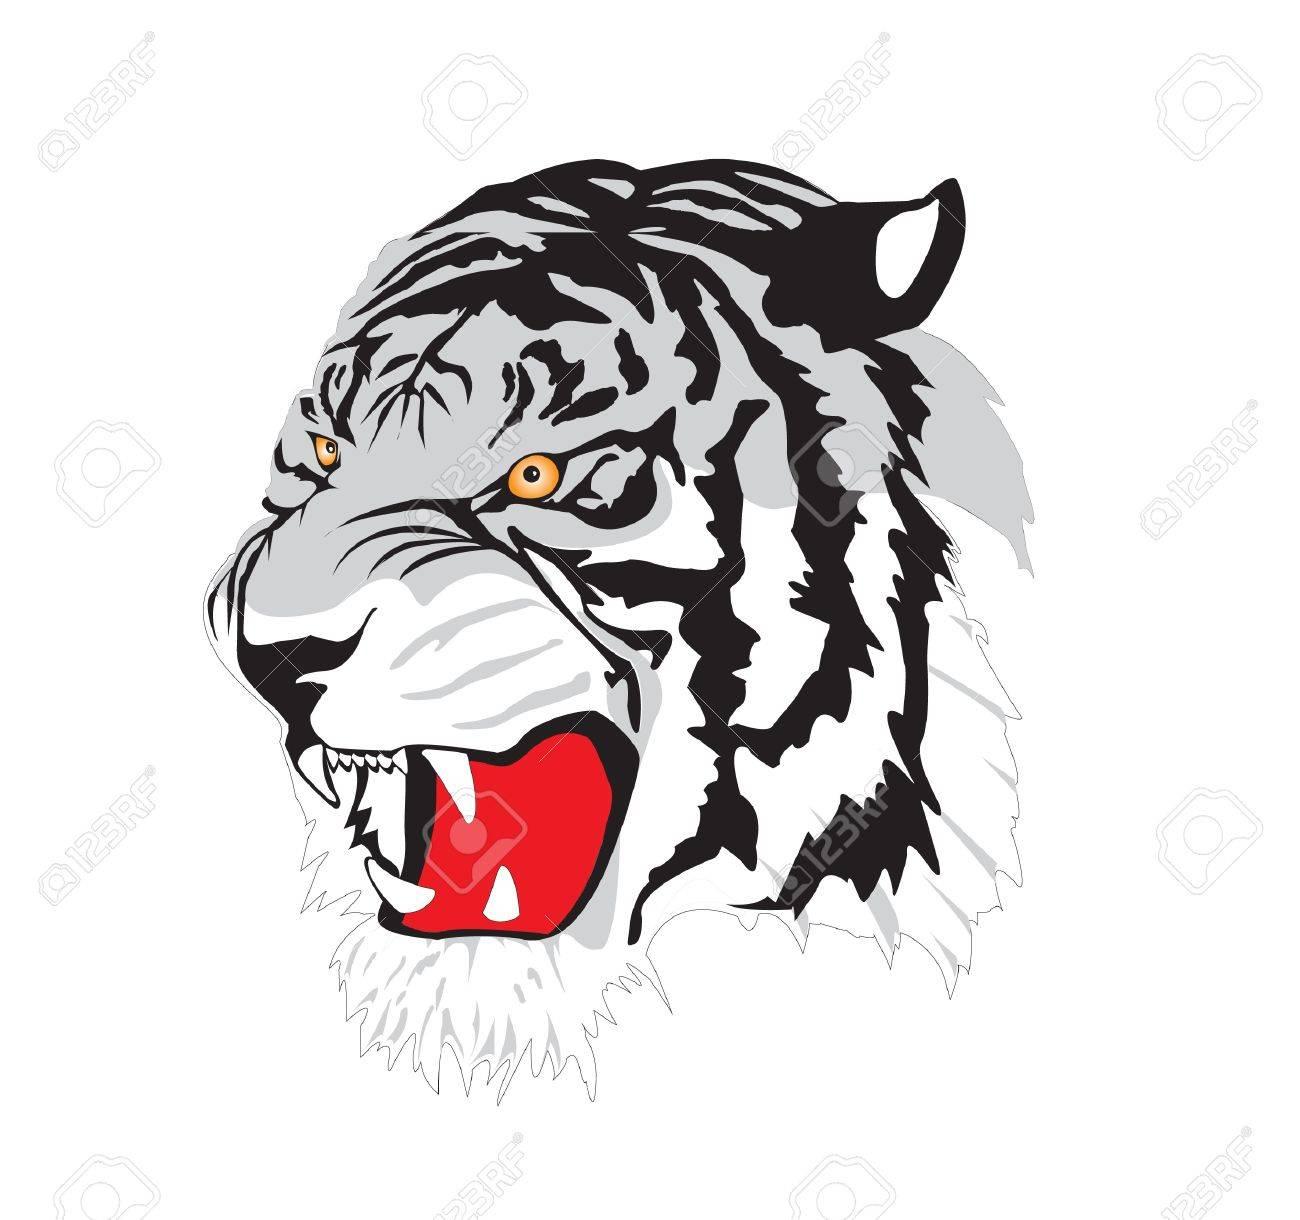 tiger tattoo - vector Stock Vector - 11878557